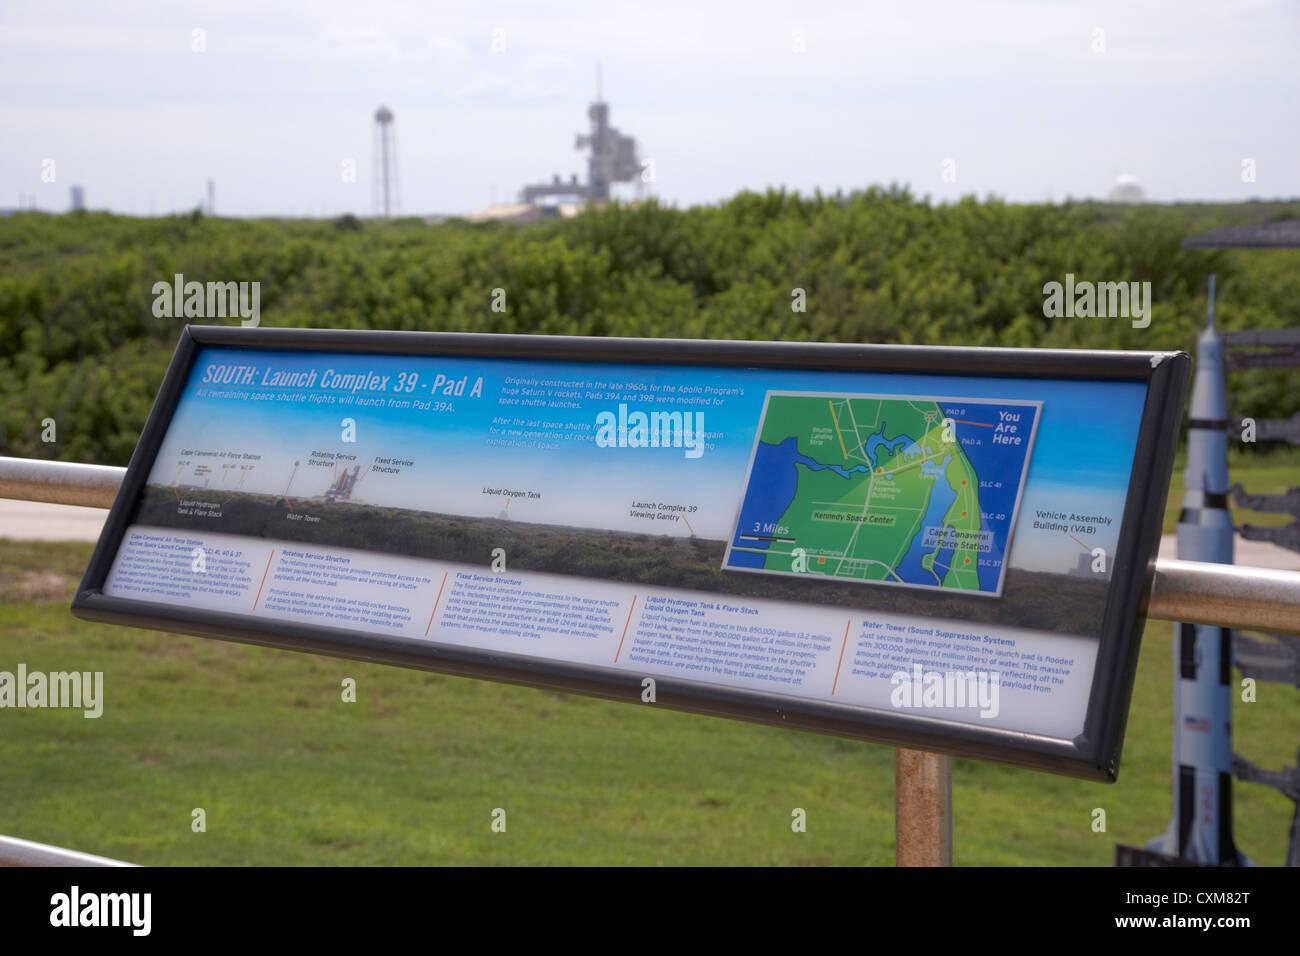 Almohadilla de complejo de lanzamiento 39A en el Centro Espacial Kennedy, Florida, EE.UU. Imagen De Stock